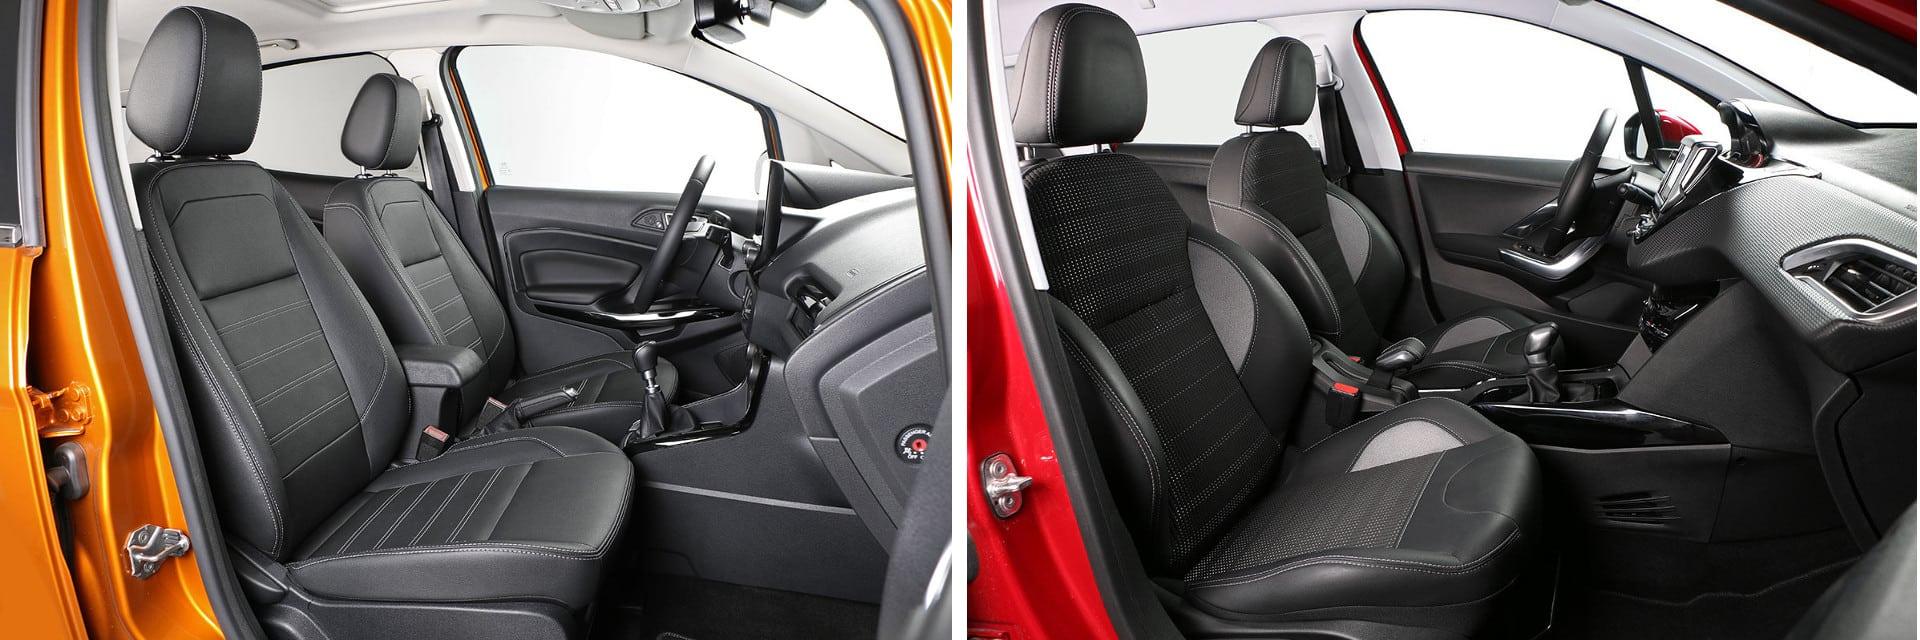 Los asientos del Ford (izq.) tienen un mullido algo más duro y con poco soporte lumbar.